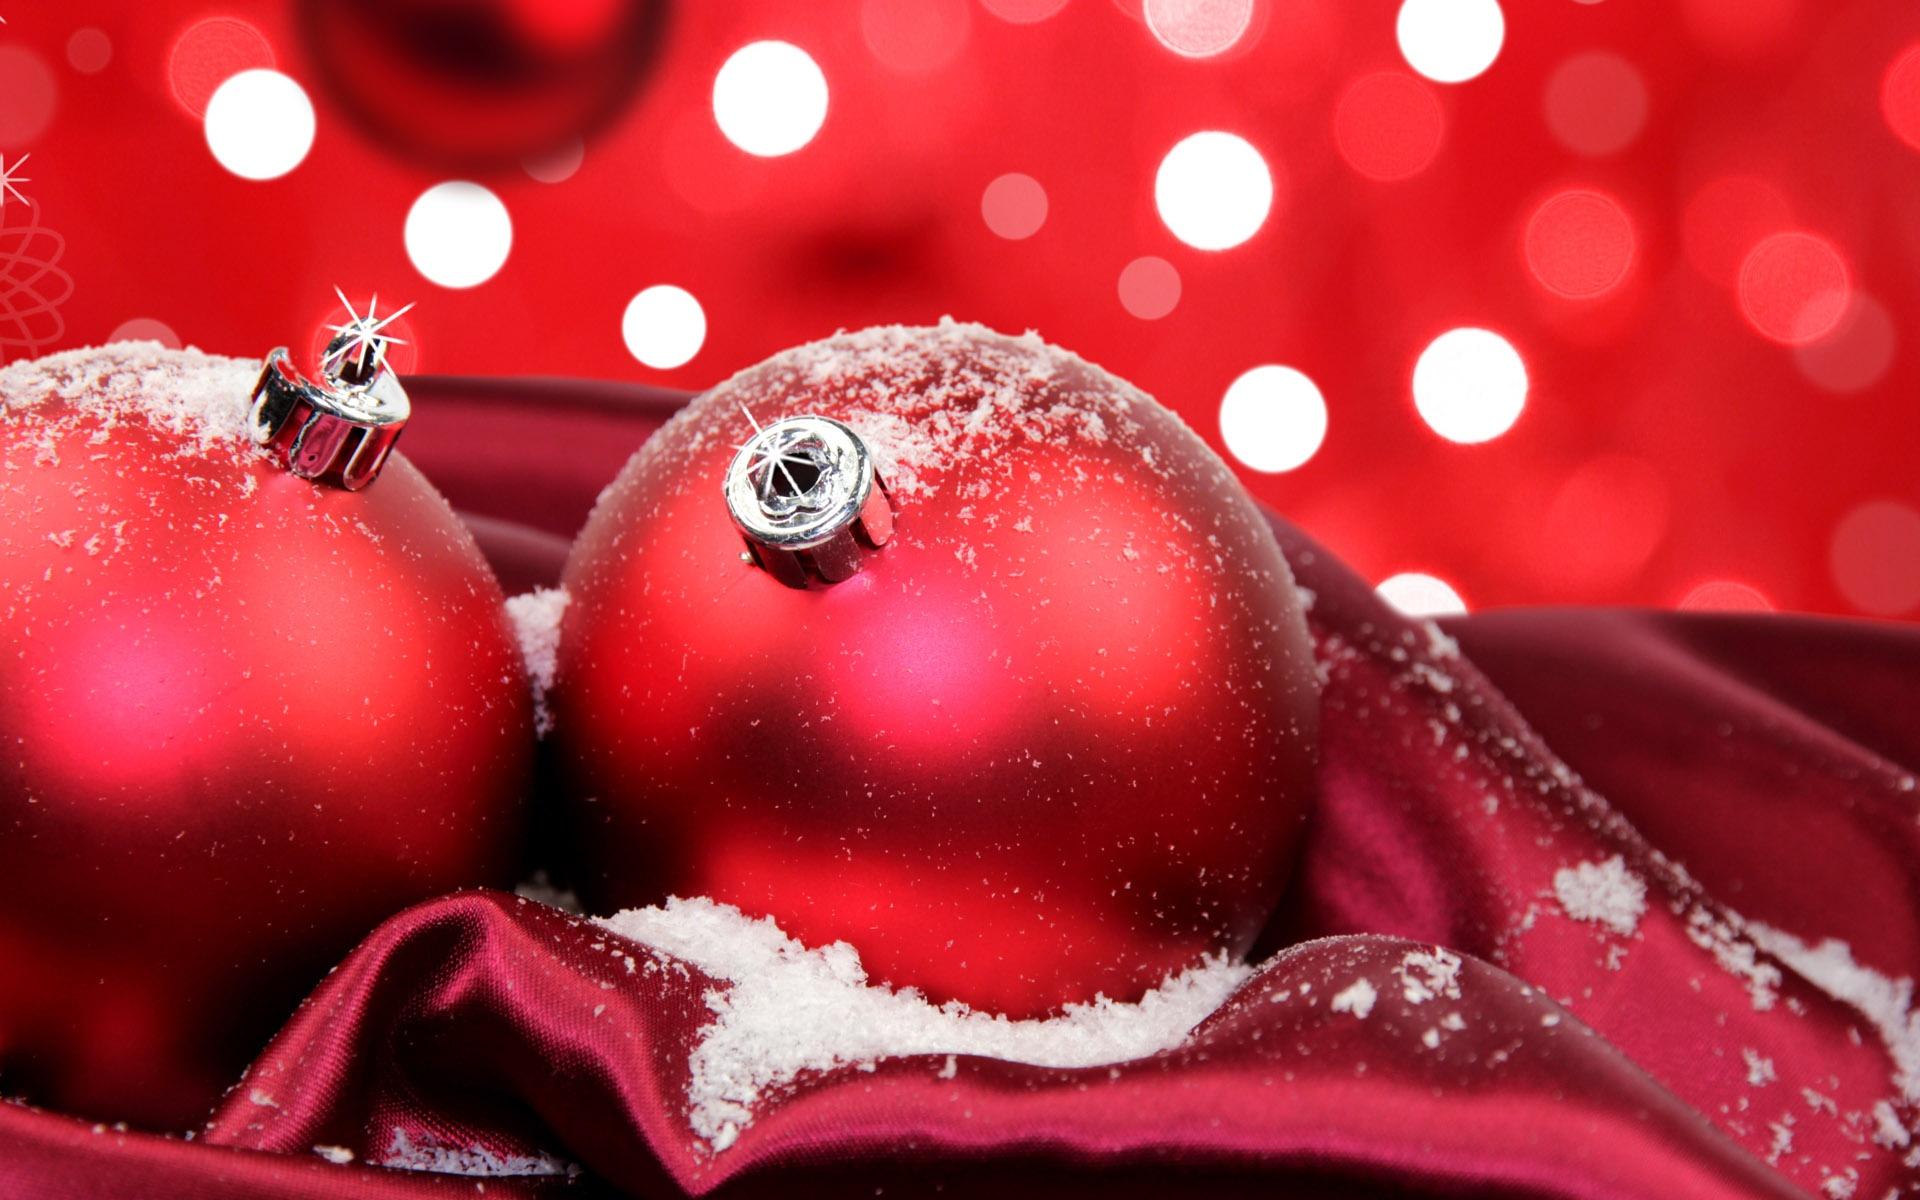 Festliche rote weihnachtskugeln 1920x1200 hd hintergrundbilder hd bild - Bilder weihnachtskugeln ...